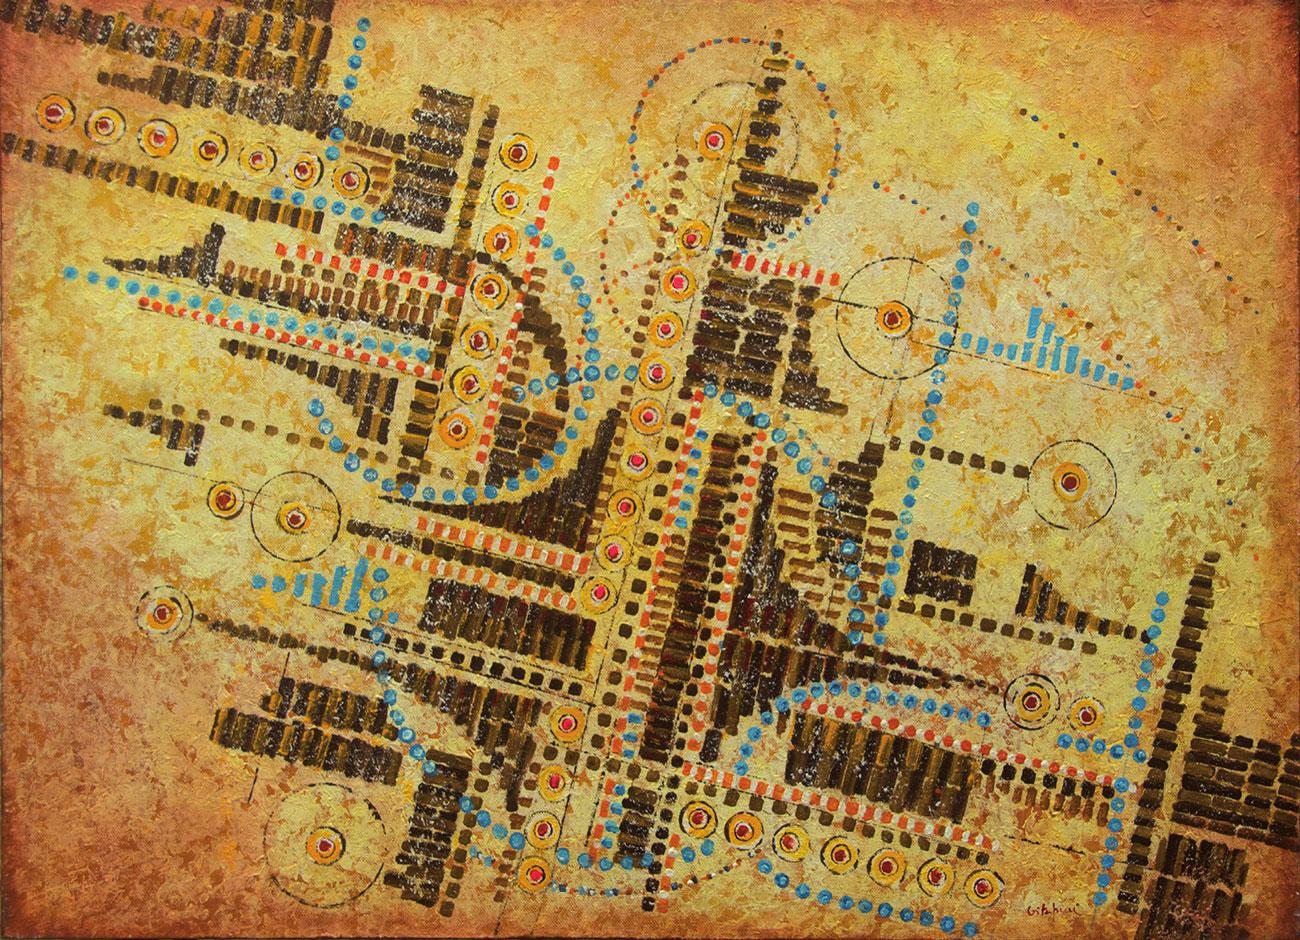 Paolo Viterbini - Racconto urbano delle tracce azzurre